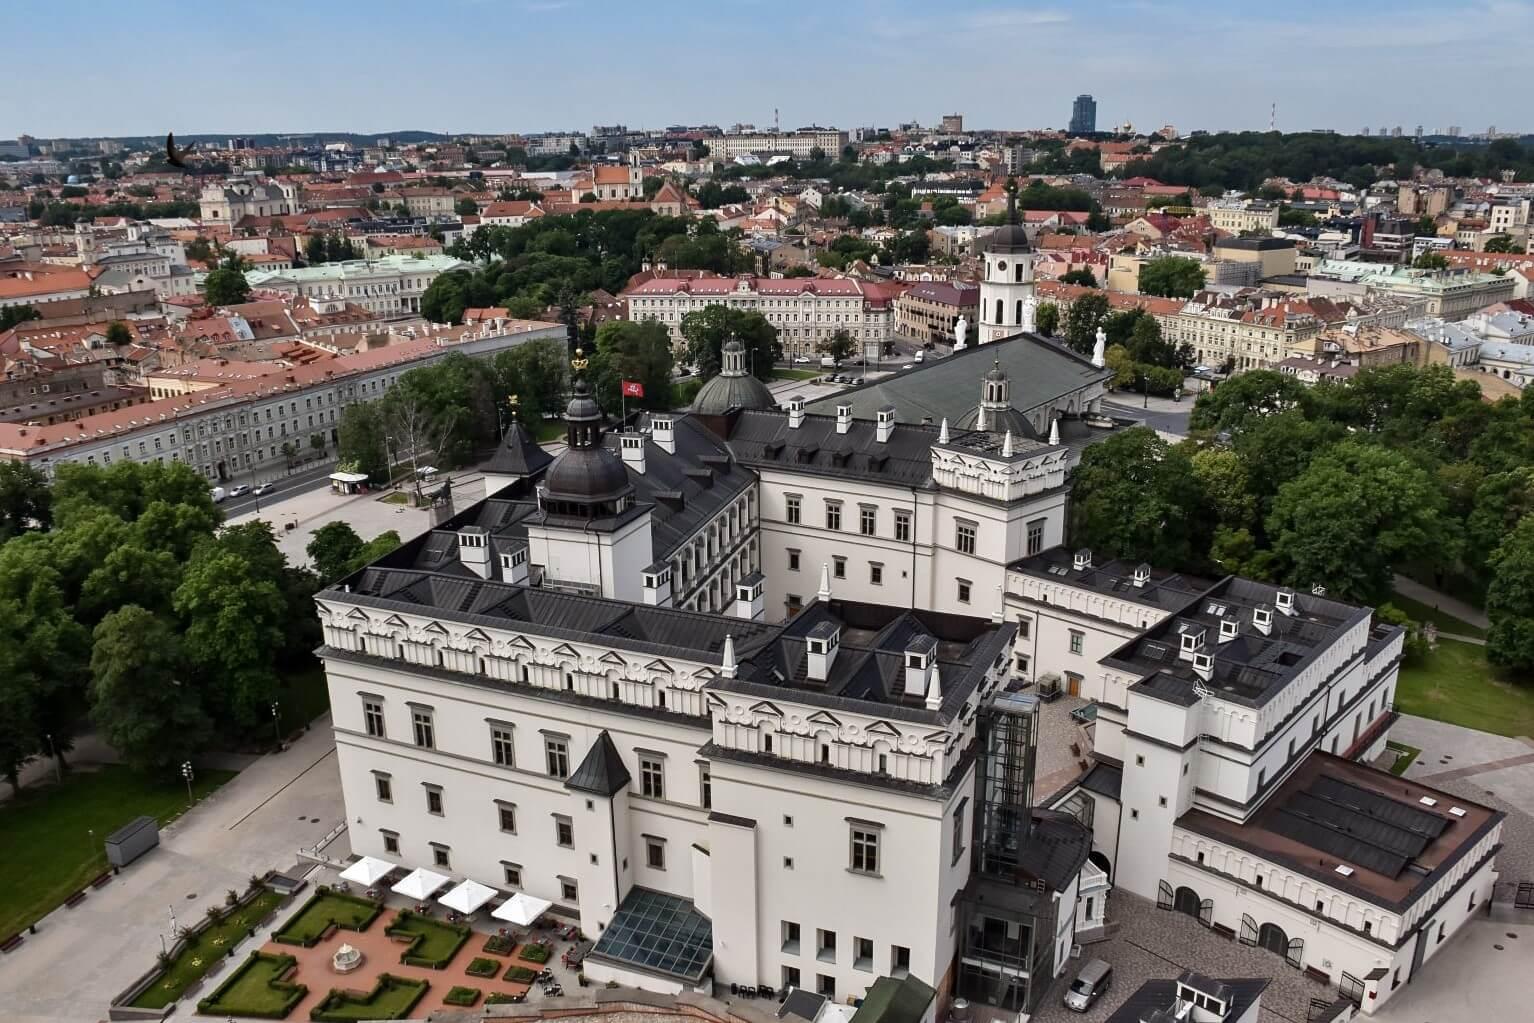 Wilno widziane z Baszty Giedymina, na pierwszym planie Muzeum Narodowe.